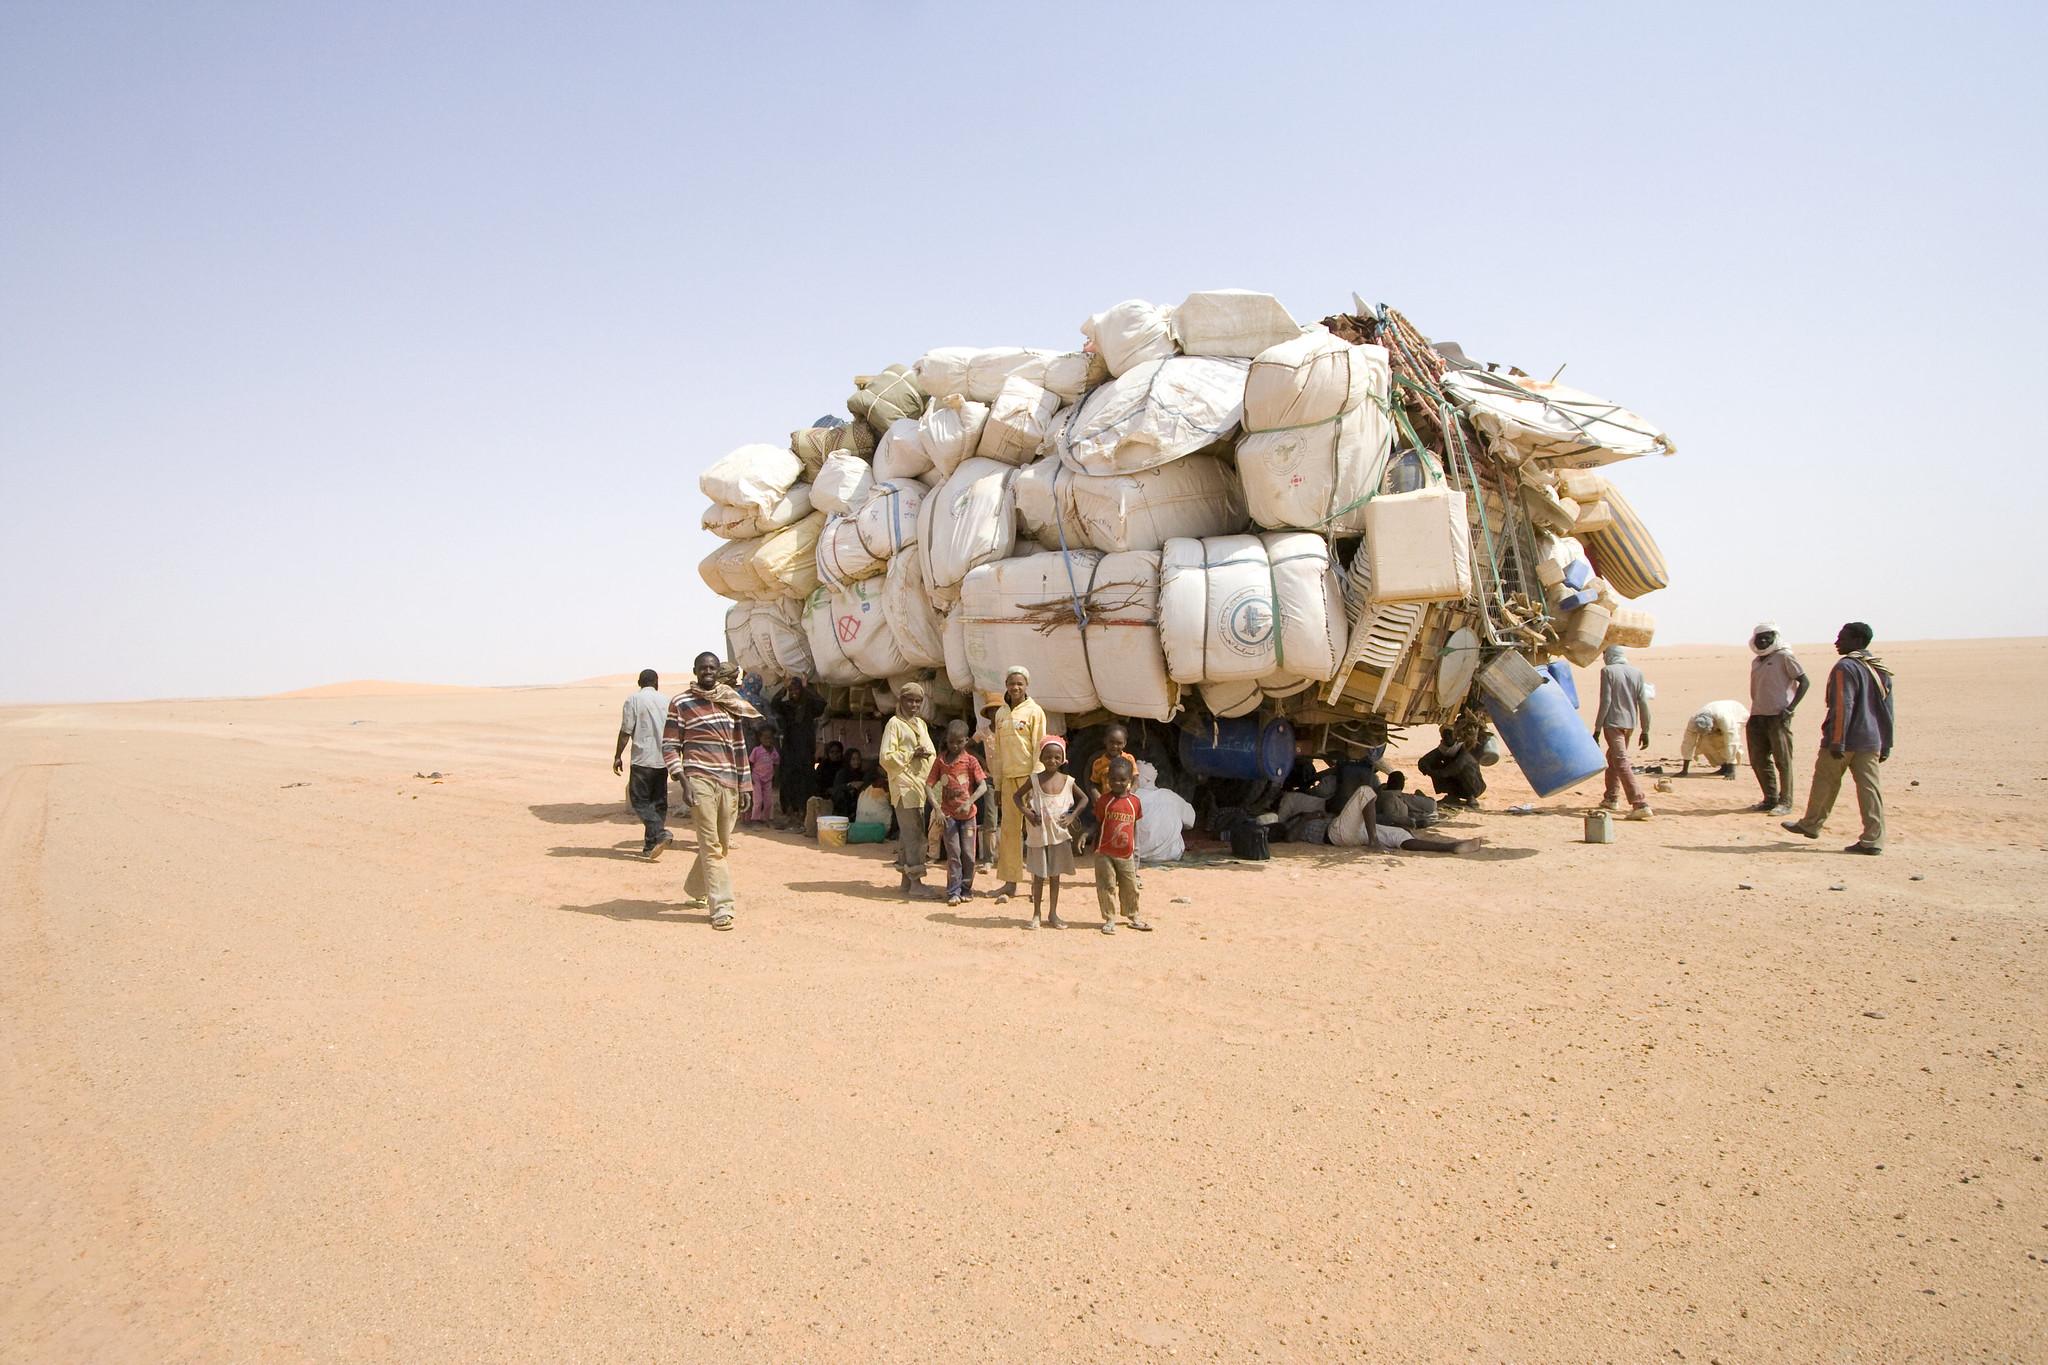 Reportage sur la traversée du désert par des migrants en partance vers le Maghreb